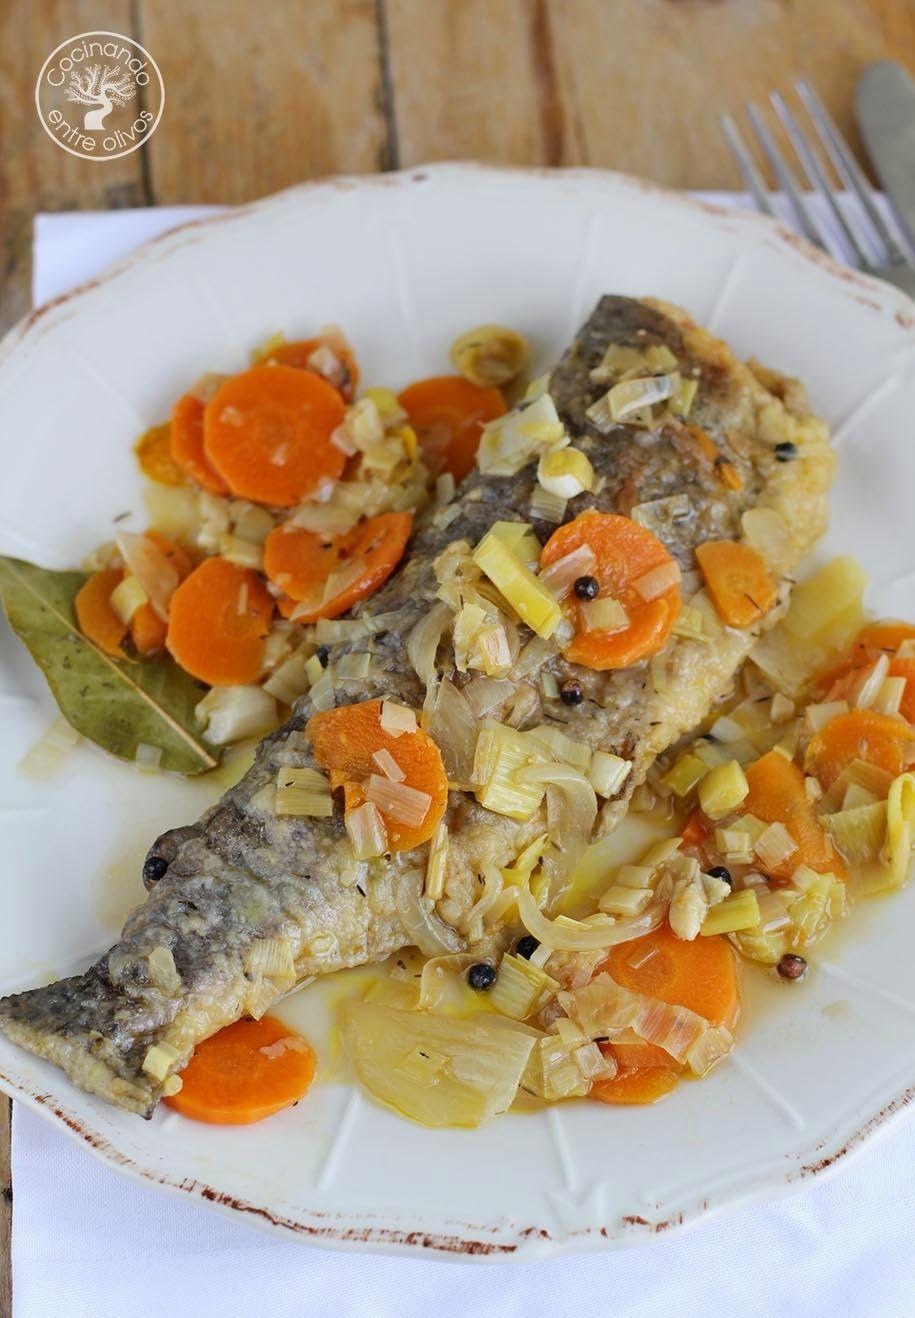 Cocinando entre olivos truchas en escabeche receta paso - Cocinando entre olivos ...